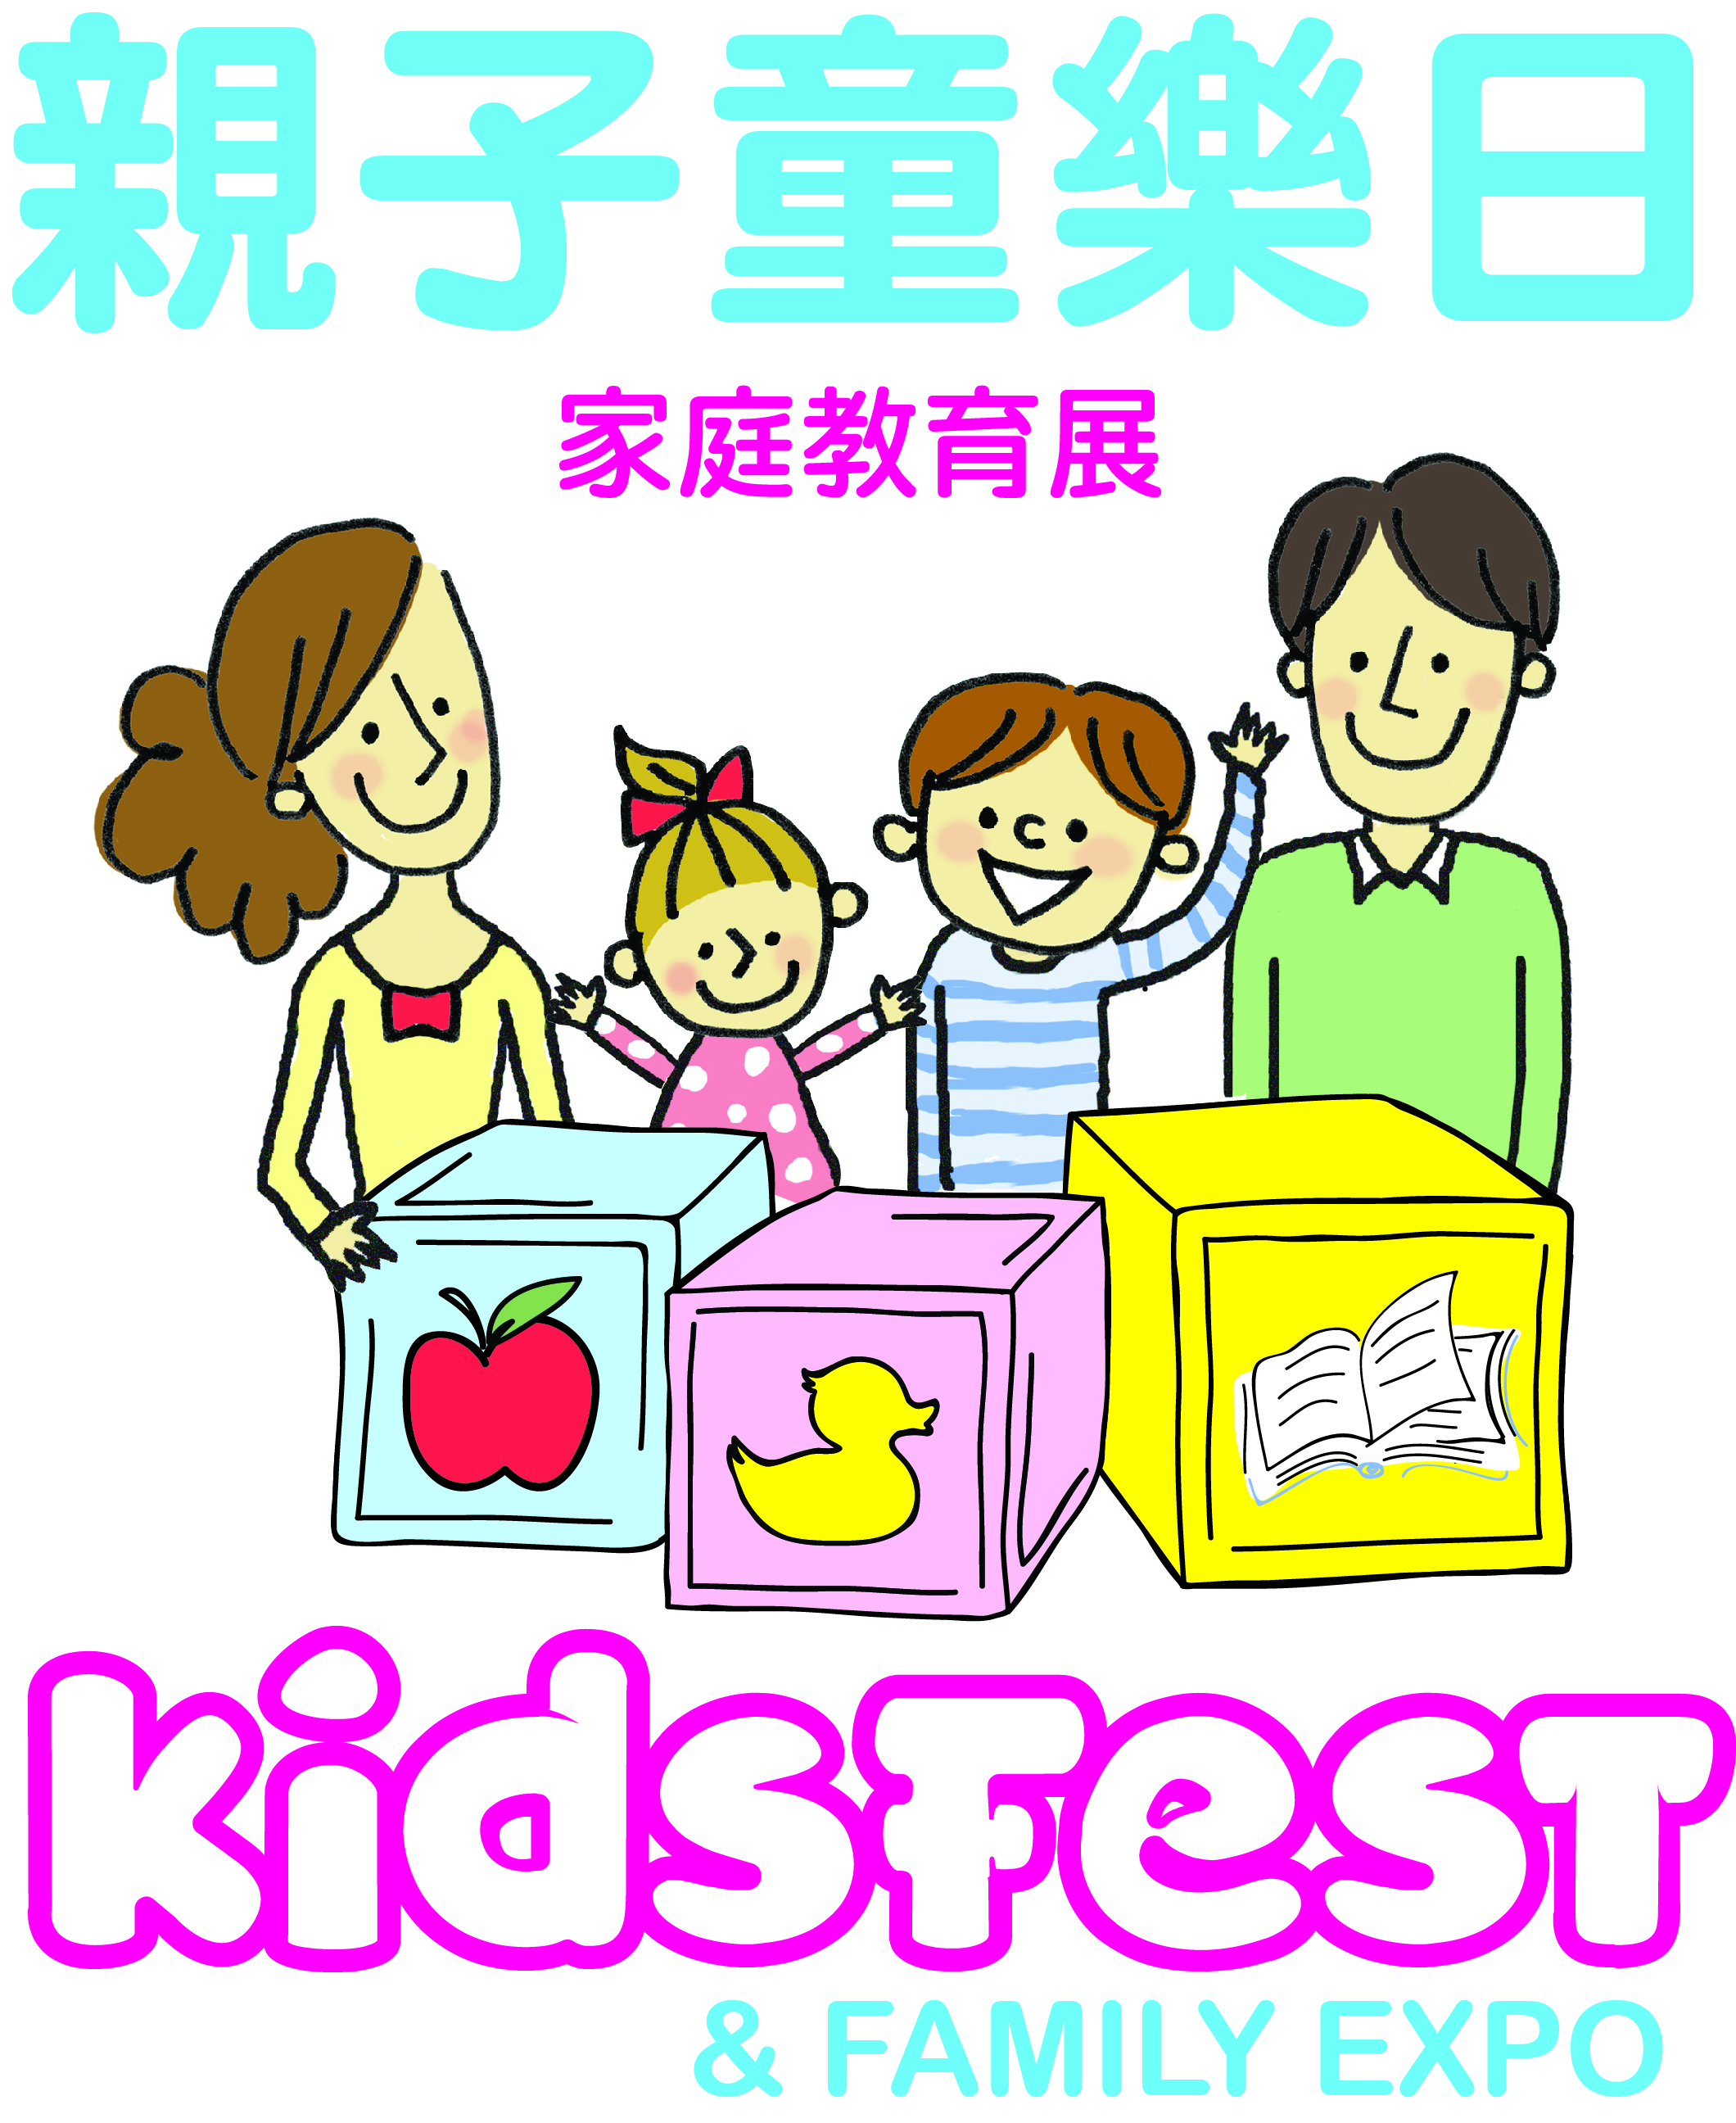 KidsFest Expo